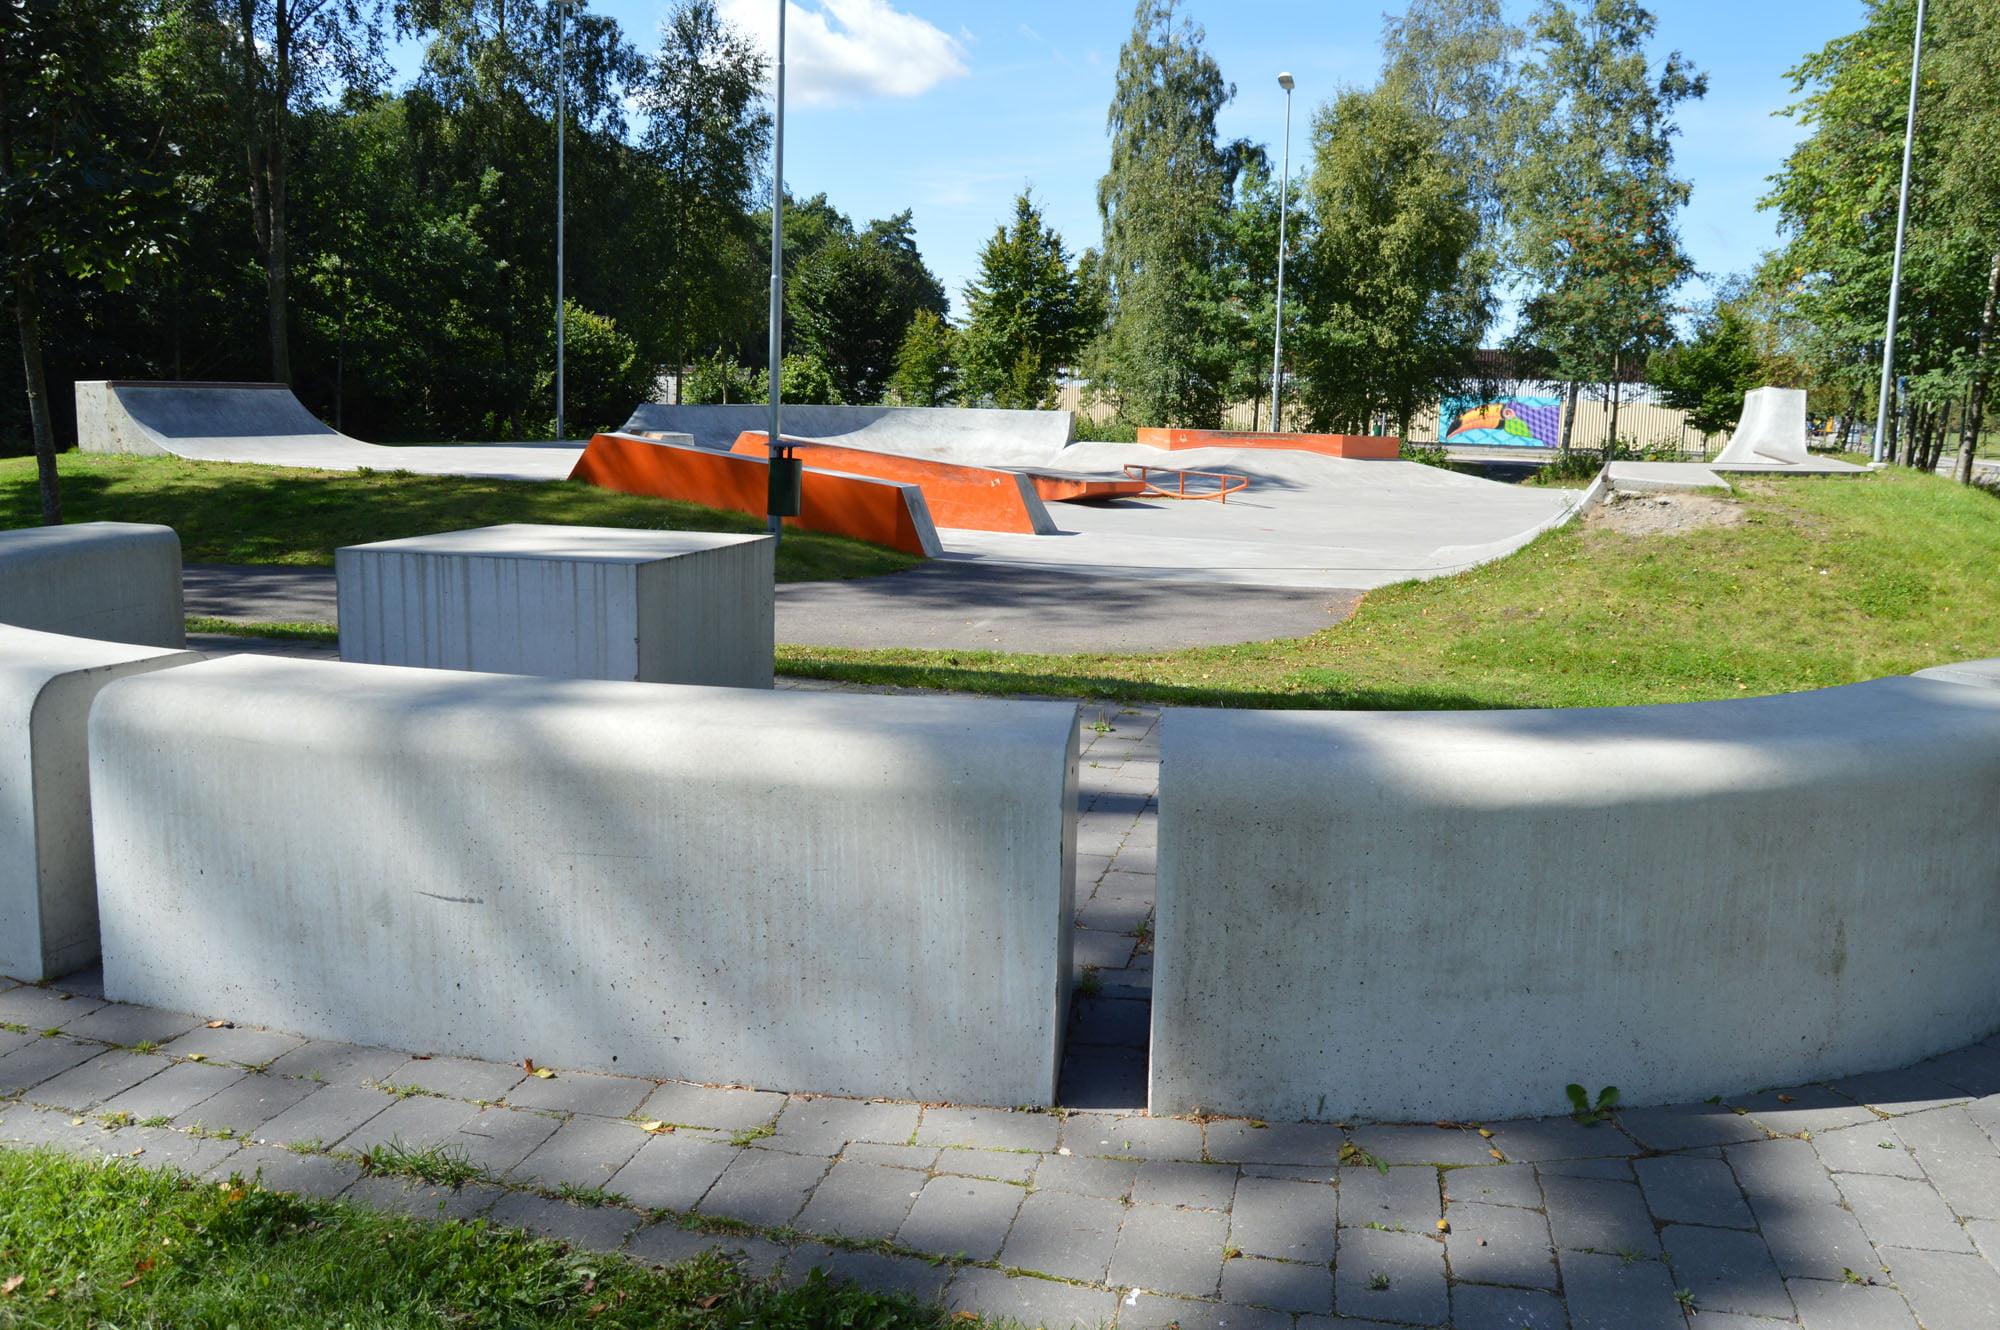 Örkelljunga Skatepark